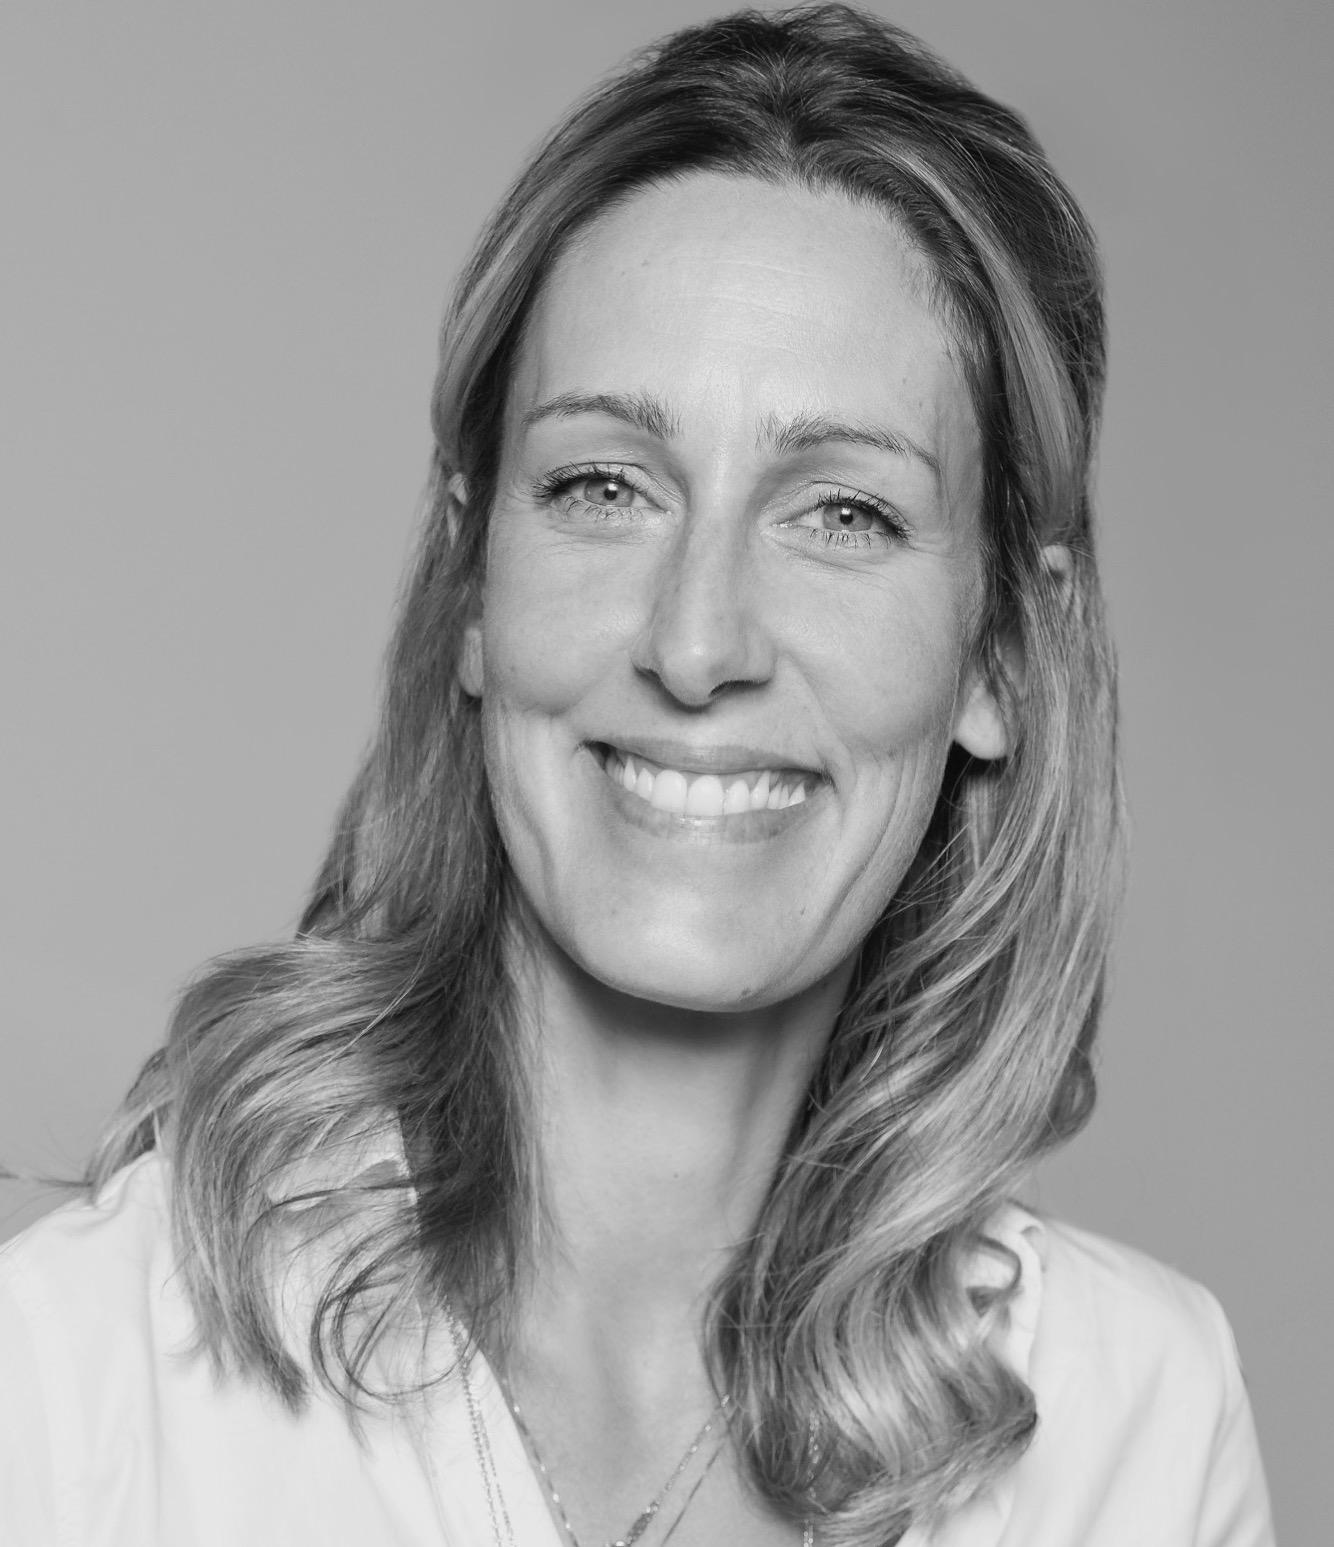 Anna Pia Chiarandini